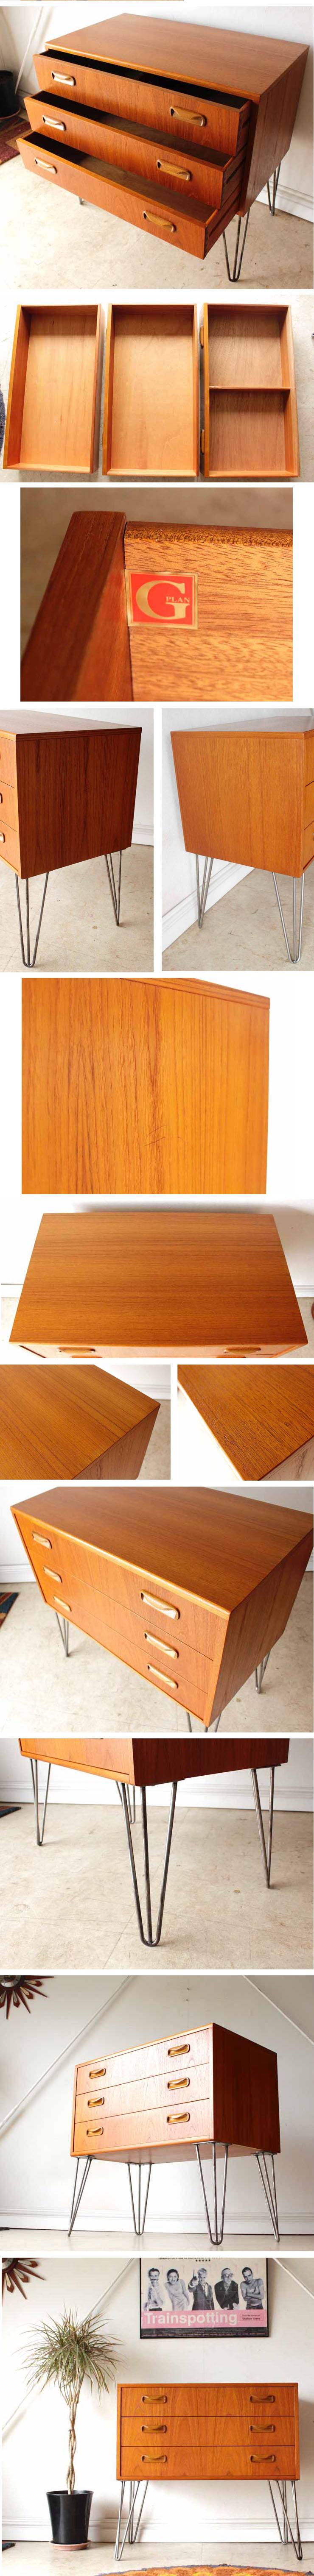 ジープラン・G-plan・チェスト・アイアンレッグ・ビンテージ・家具・アンティーク・サイドボード・ミッドセンチュリー